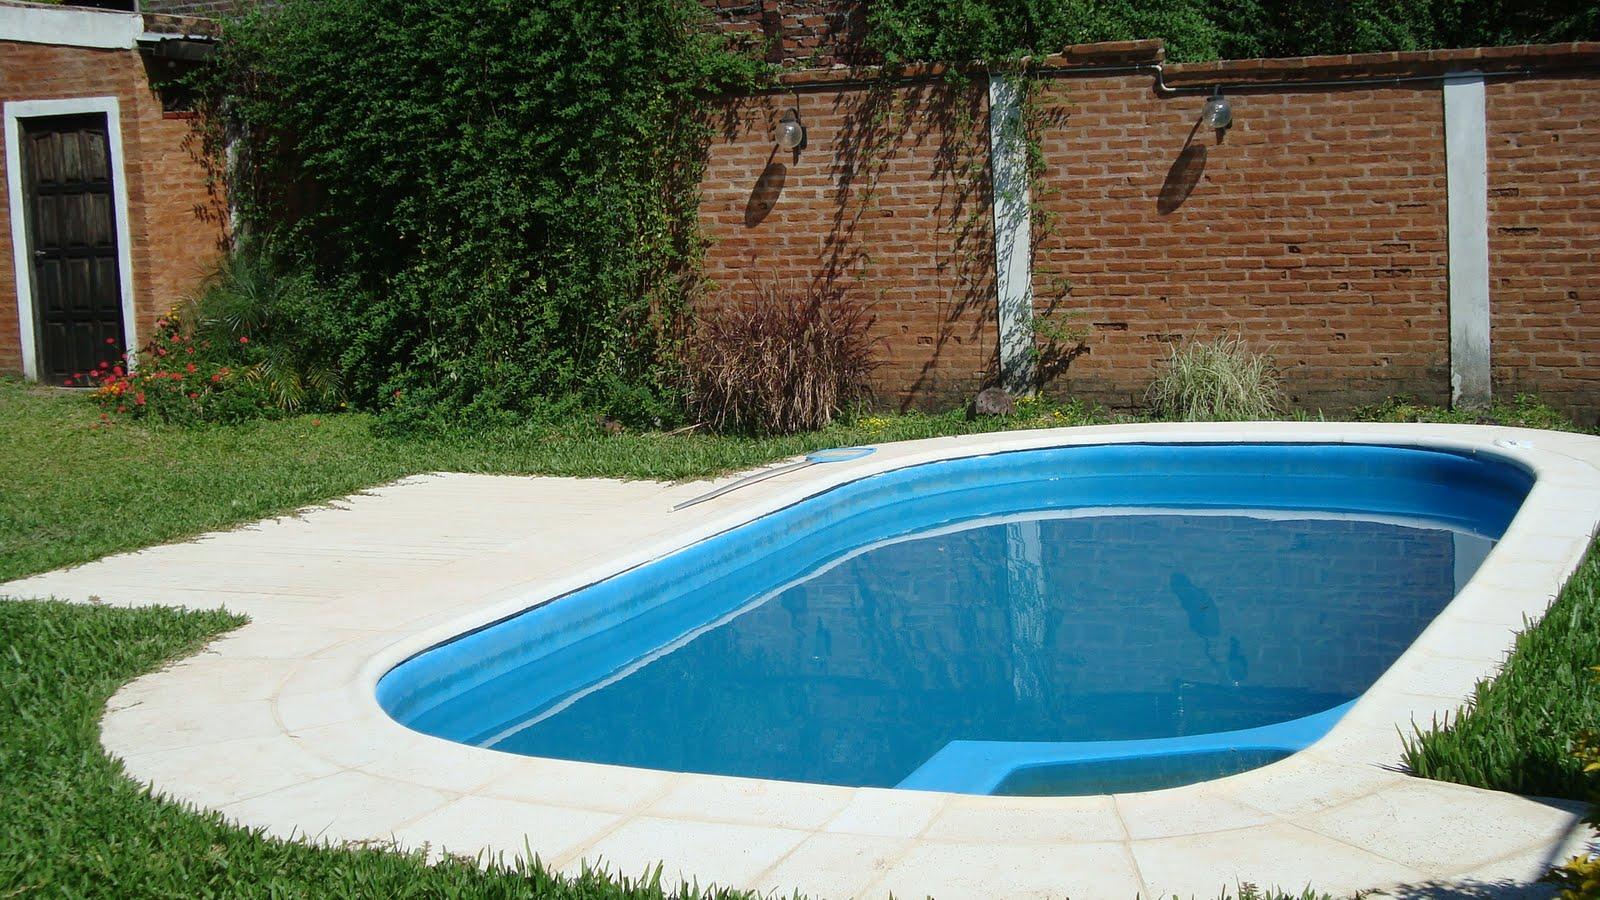 Cupulas fiberglas s r l piletas de natacion for Imagenes de piletas de natacion